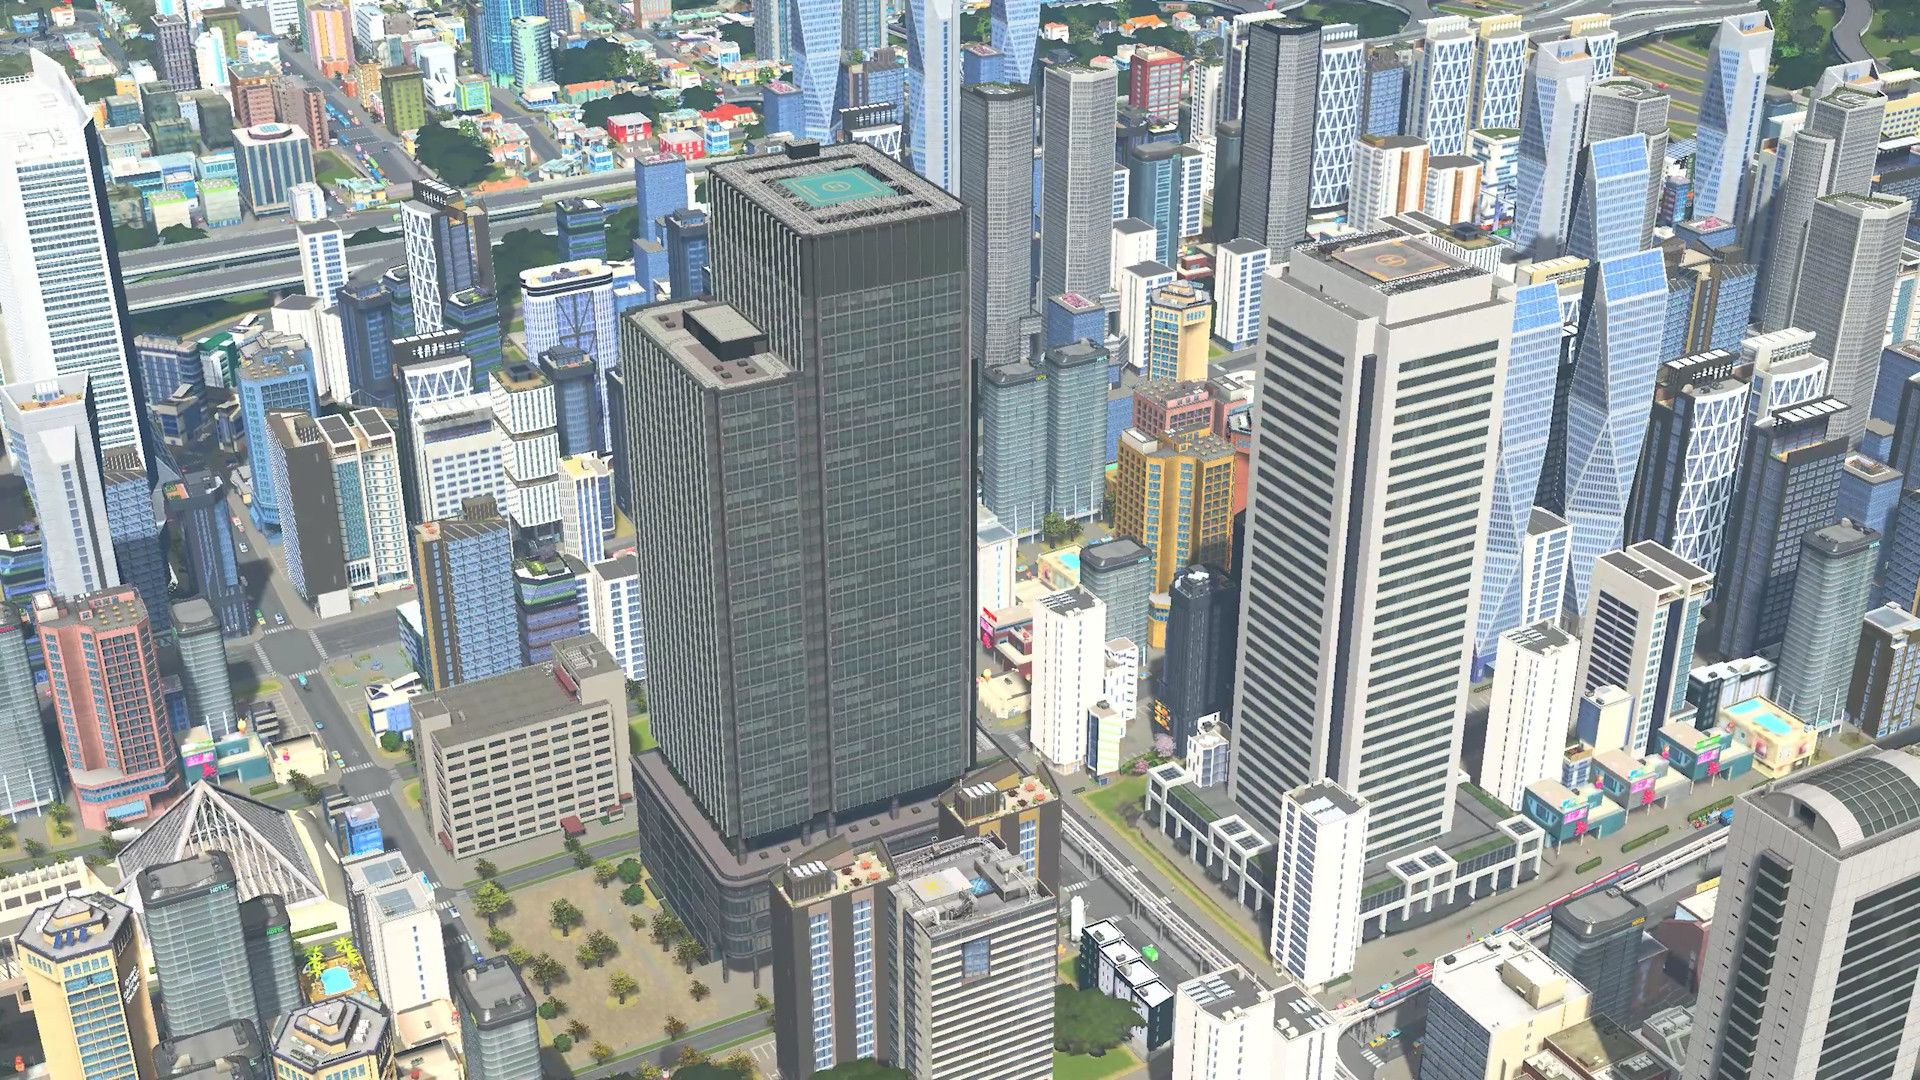 CITIESSKYLINESCCPJAPAN3.jpg